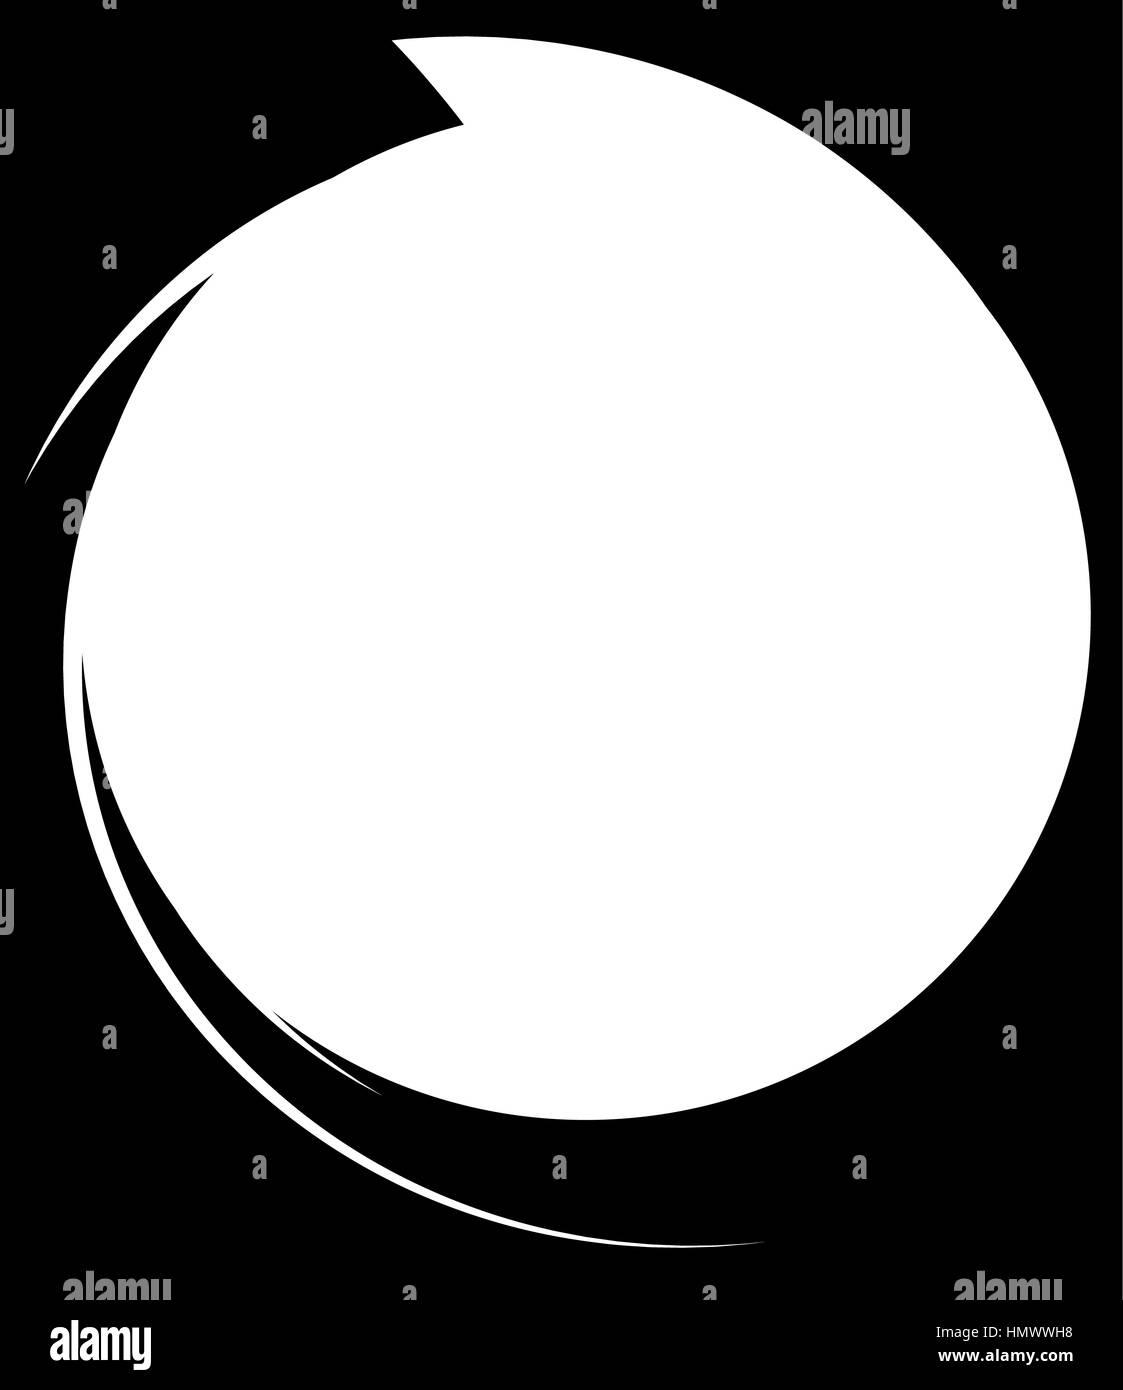 Círculo con dinámico marco línea de Nike. Elemento circular ...